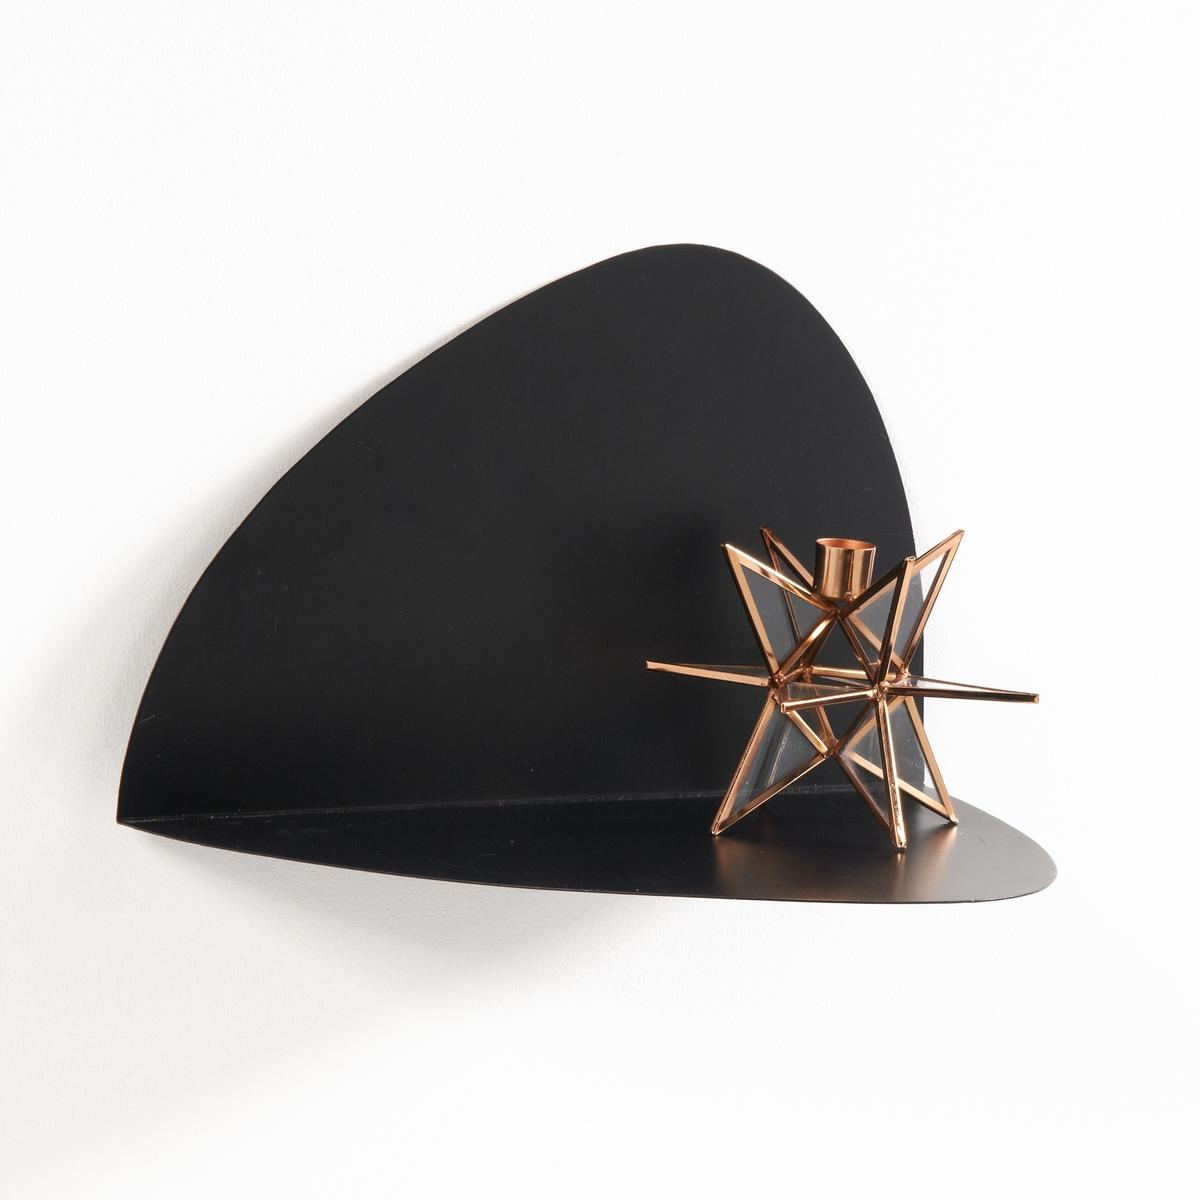 Полка La Redoute Настенная из металла MATILINE единый размер черный тумба la redoute металлическая полки janik единый размер белый